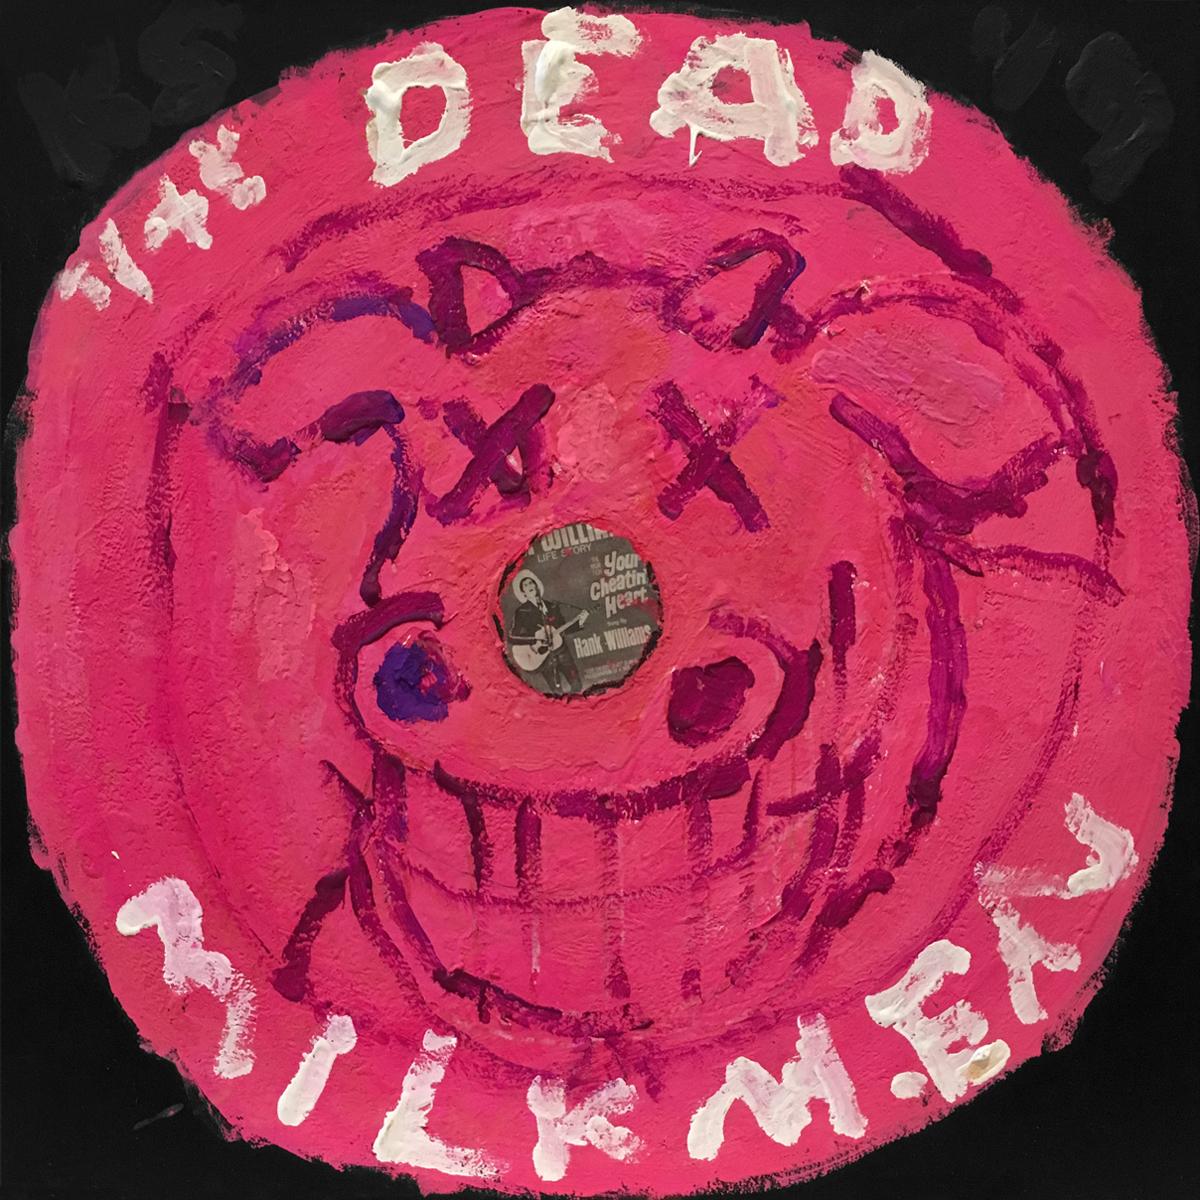 The Dead Milkmen (Pink)